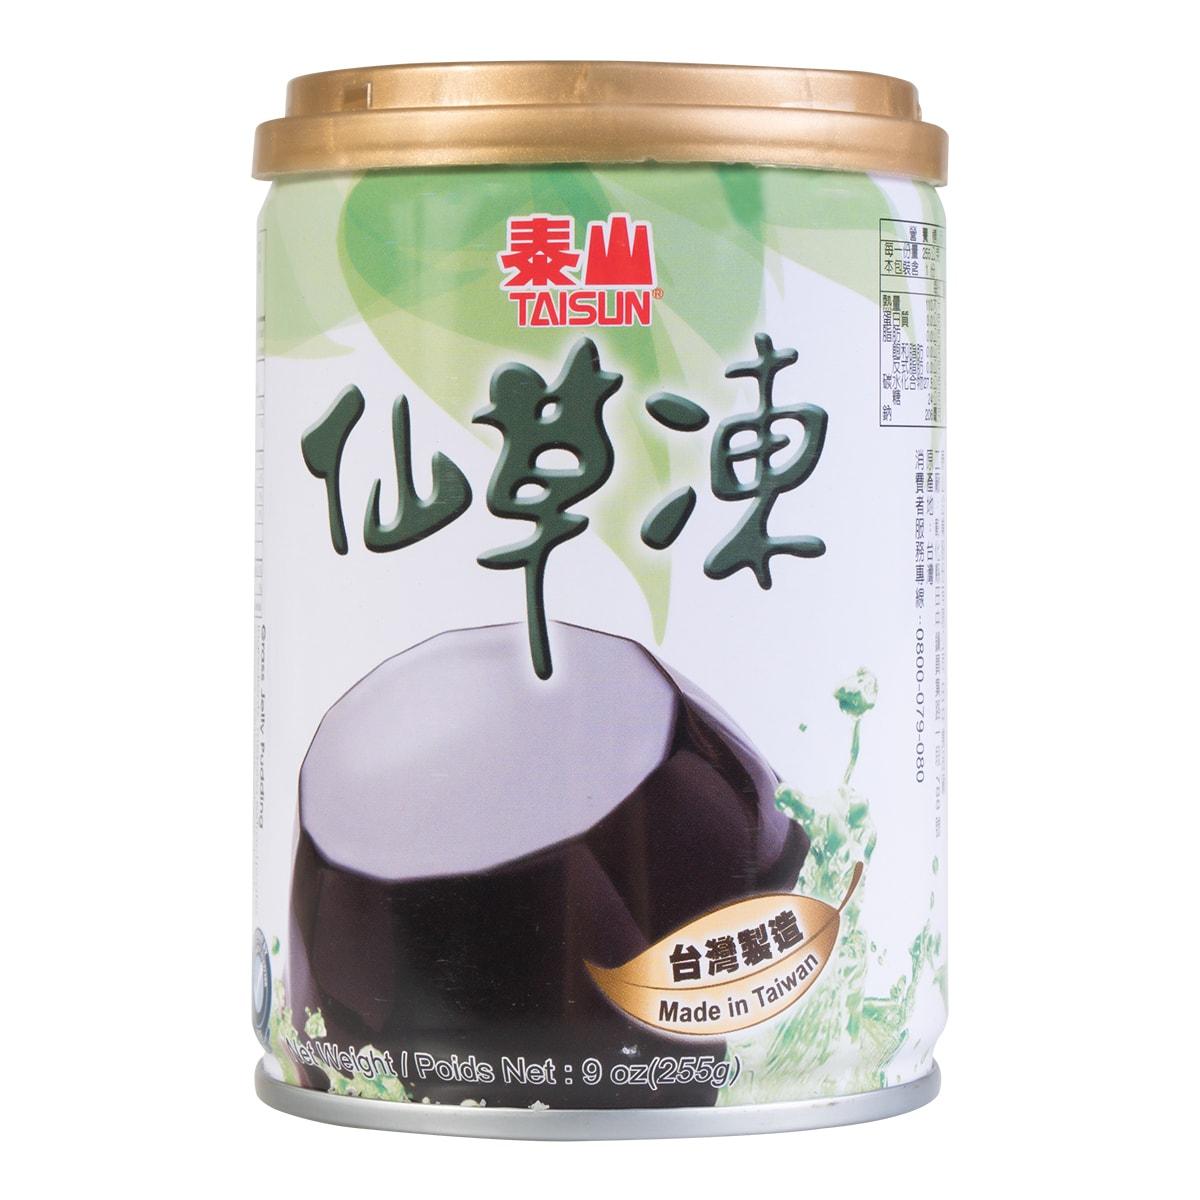 台湾泰山 清凉退火天然仙草冻 255g